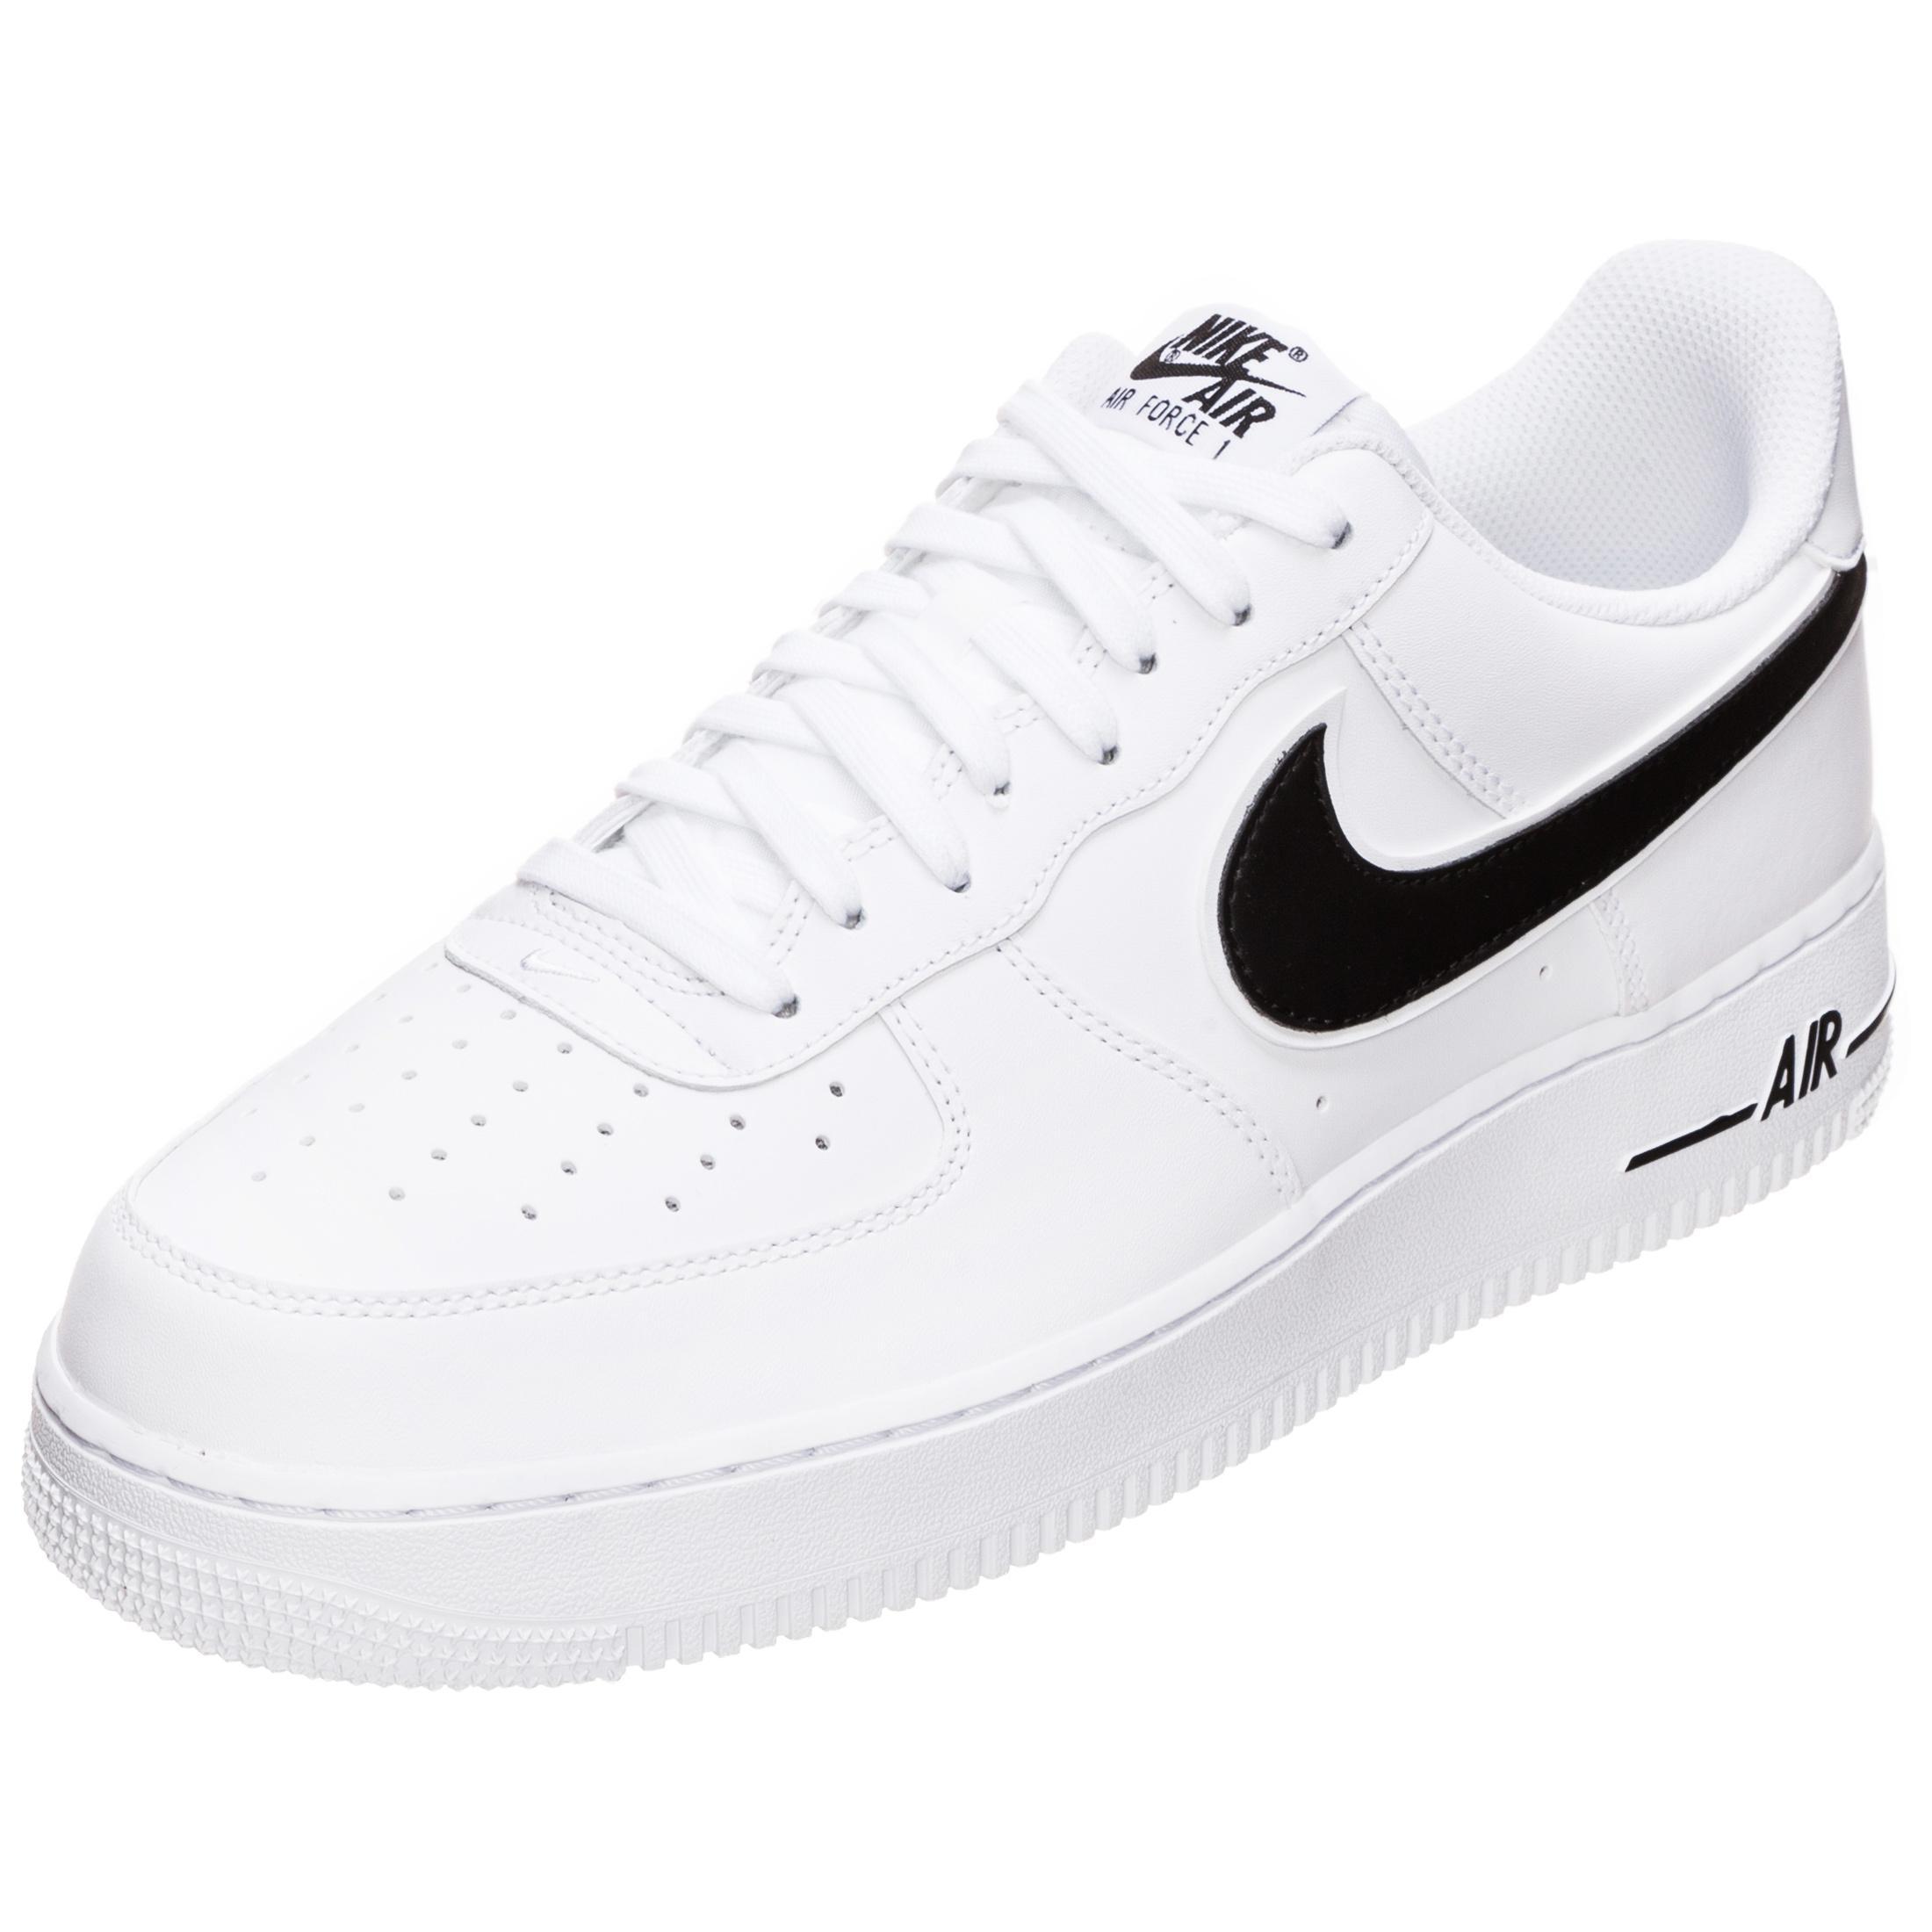 Nike Air Force 1 '07 3 Sneaker Herren Sneaker Herren weiß schwarz im Online Shop von SportScheck kaufen